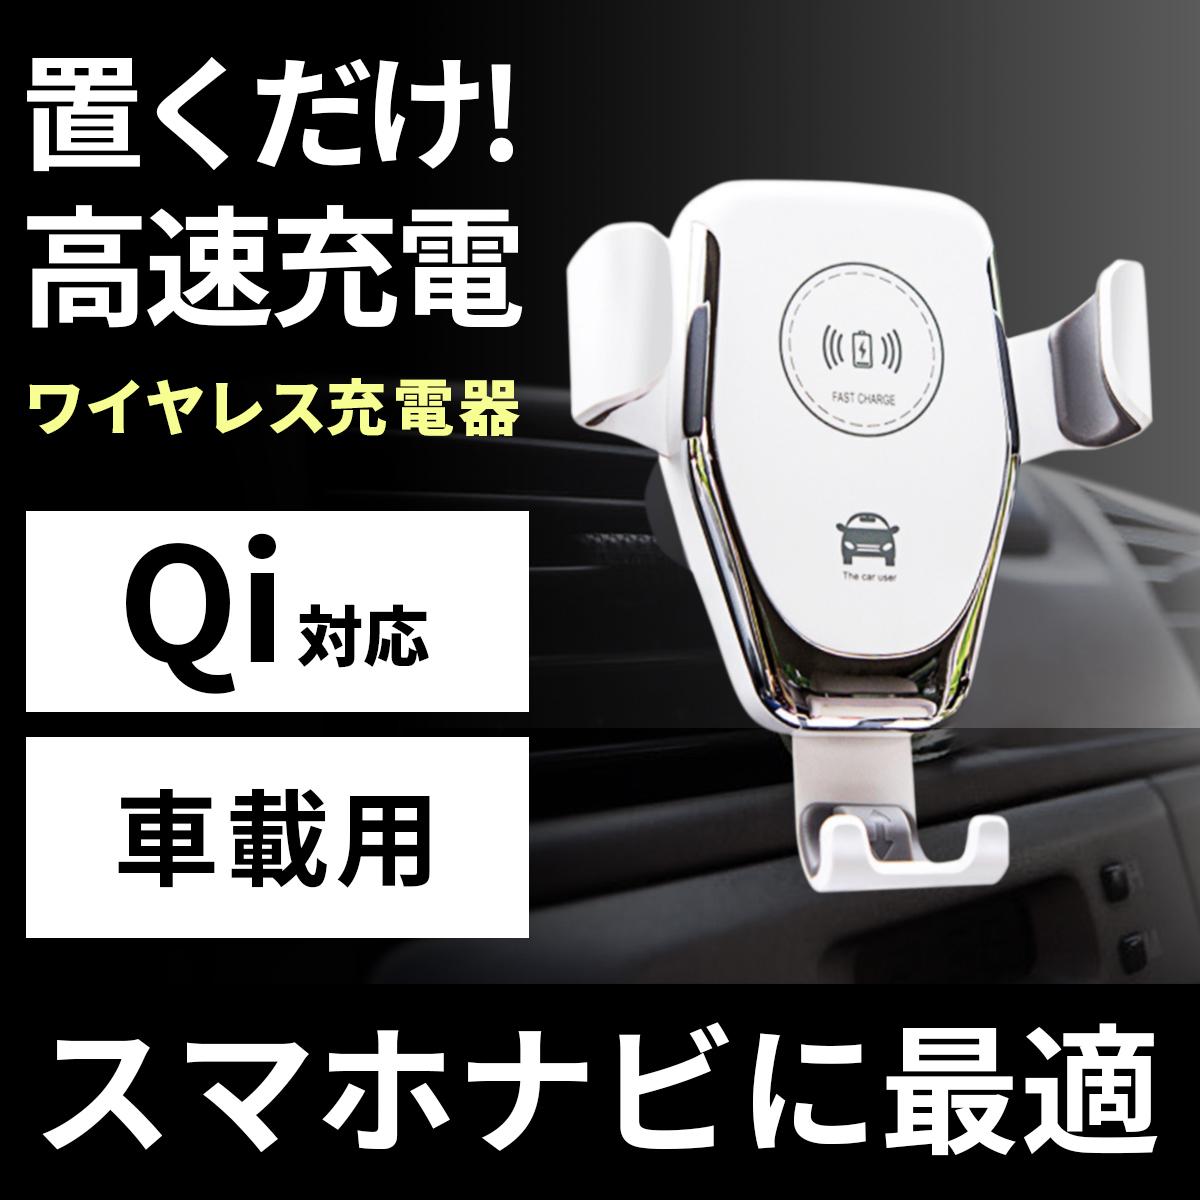 【ホワイト】スマホホルダー 車 ワイヤレス充電 車載 急速充電 iphone スマホ アンドロイド ホルダー ワイヤレス 充電器 Qi 置くだけ充電